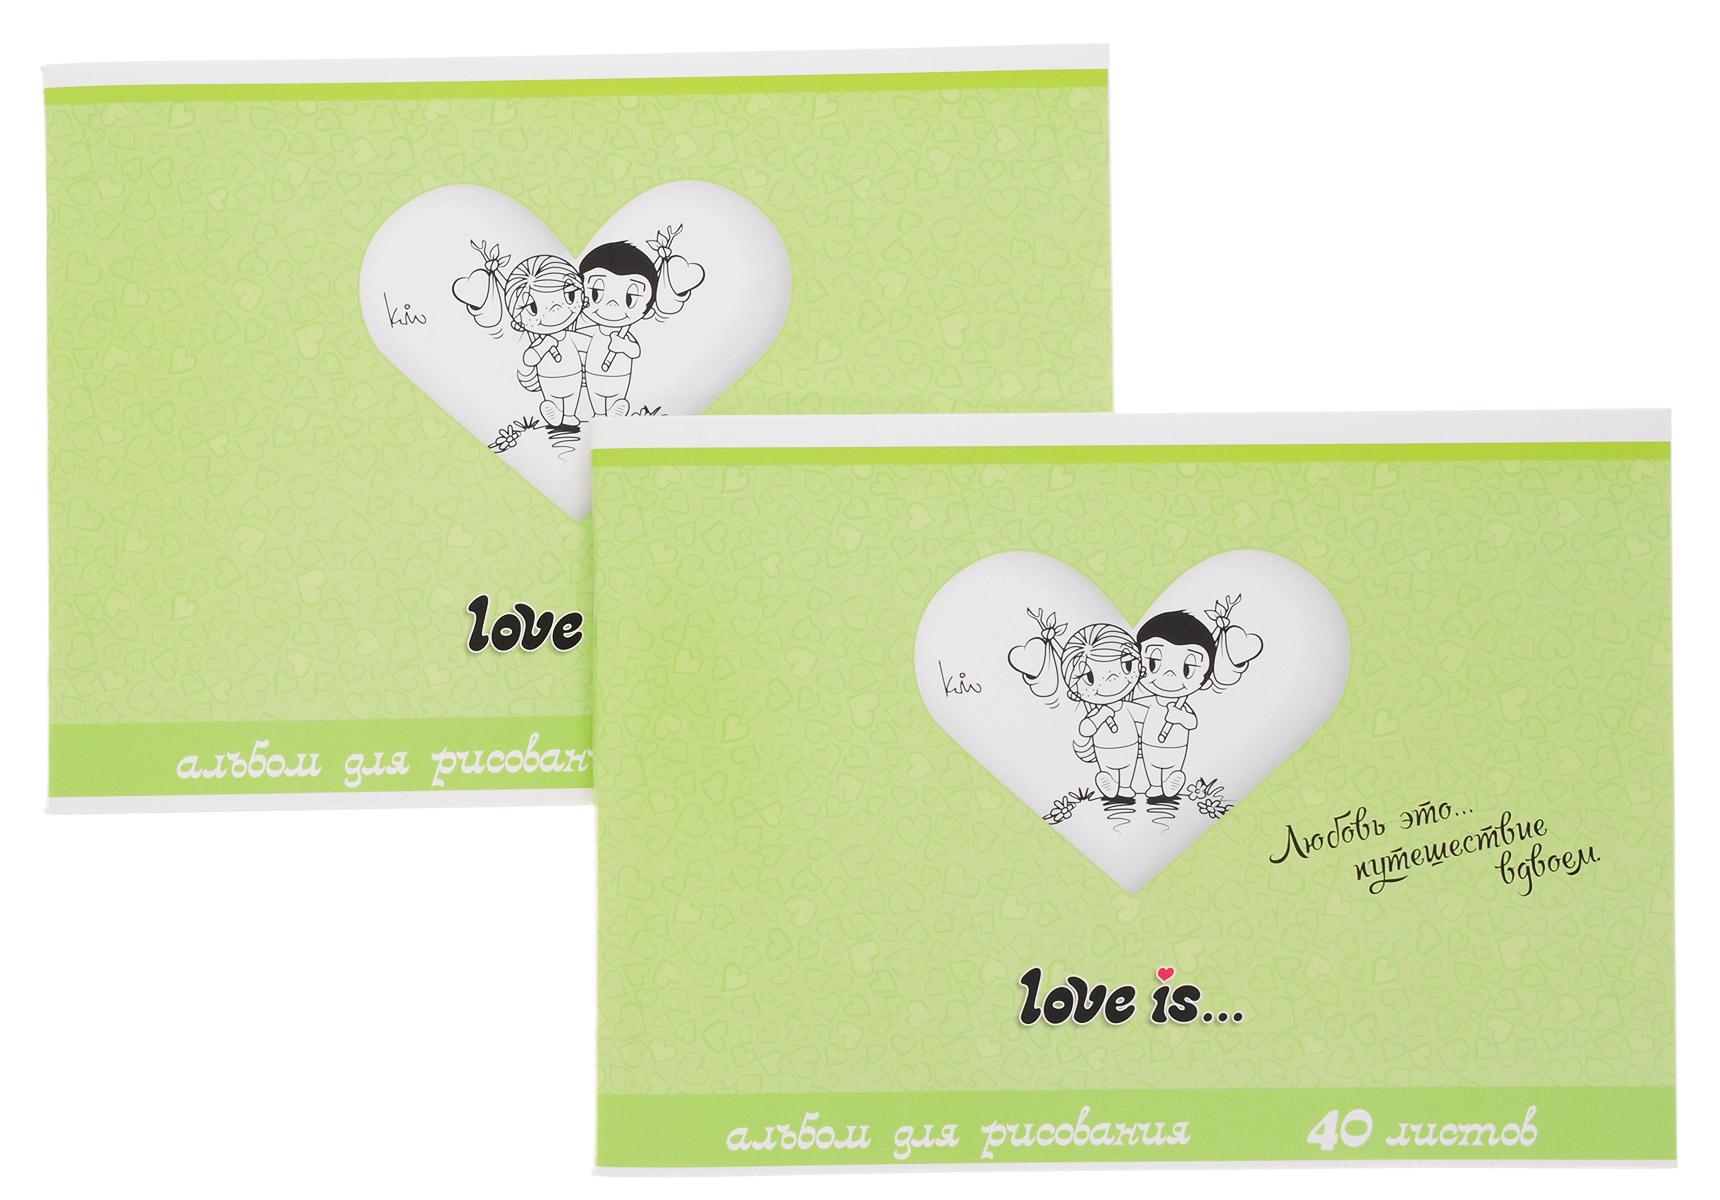 Action! Альбом для рисования Love is... 40 листов цвет салатовый 2 штLI-AA-40_салатовыйАльбом для рисования Action! Love is... порадует маленького художника ивдохновит его на творчество.Альбом изготовлен из белой бумаги с яркойобложкой из высококачественного картона, оформленной изображениемвлюбленной пары. Высокое качество бумаги позволяет рисовать в альбомекарандашами, фломастерами, акварельными и гуашевыми красками. Внутренний блок альбома состоит из 40 листов белой бумаги, соединенных двумяметаллическими скрепками. В наборе два альбома.